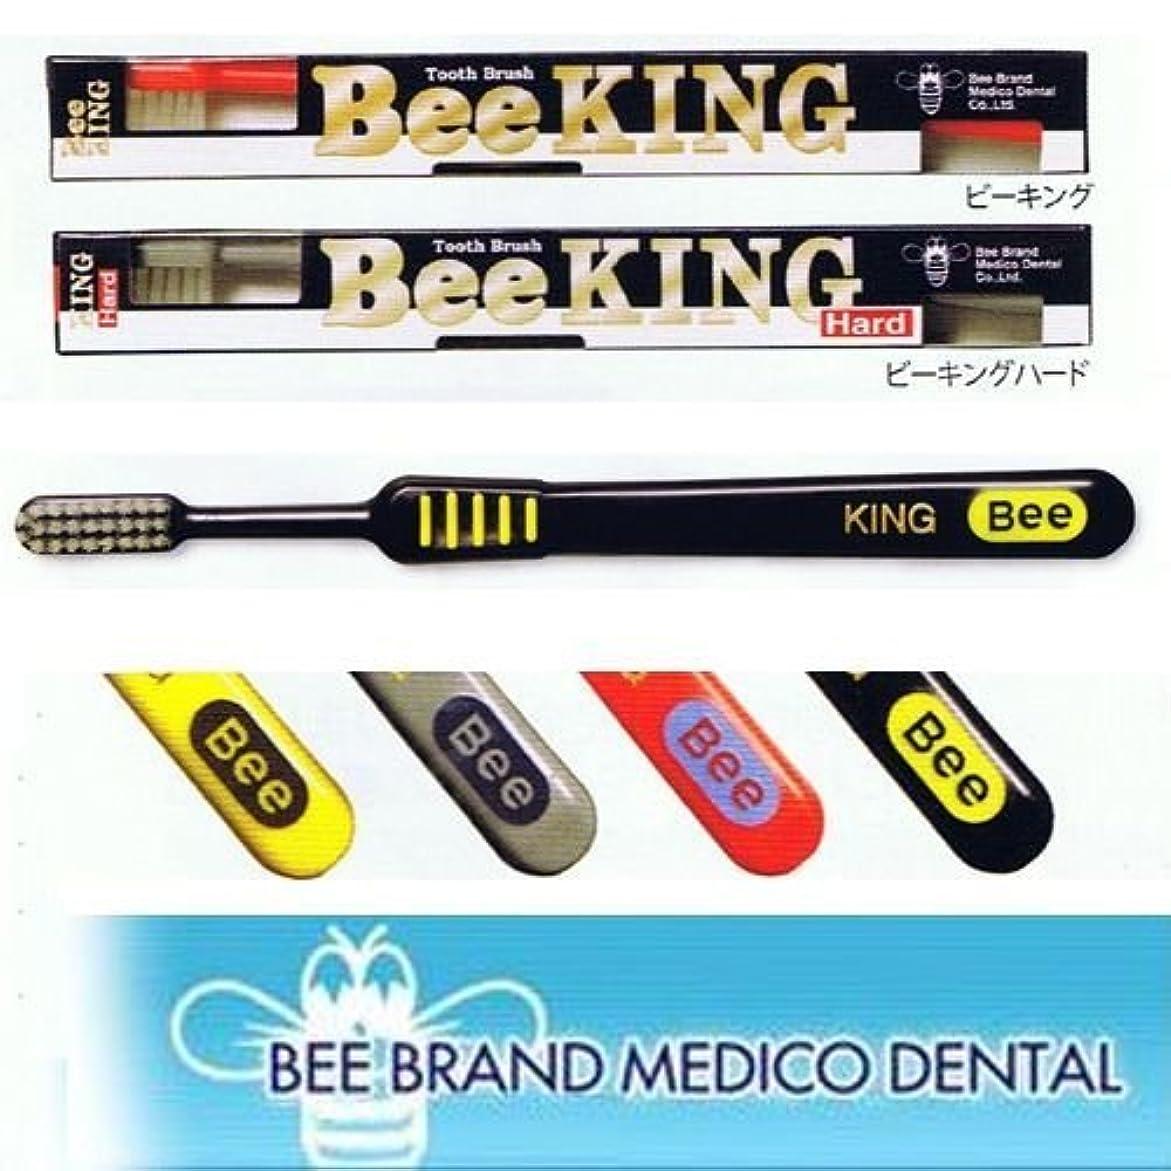 ジェスチャー請求可能九月BeeBrand Dr.BEE 歯ブラシ キング ふつう